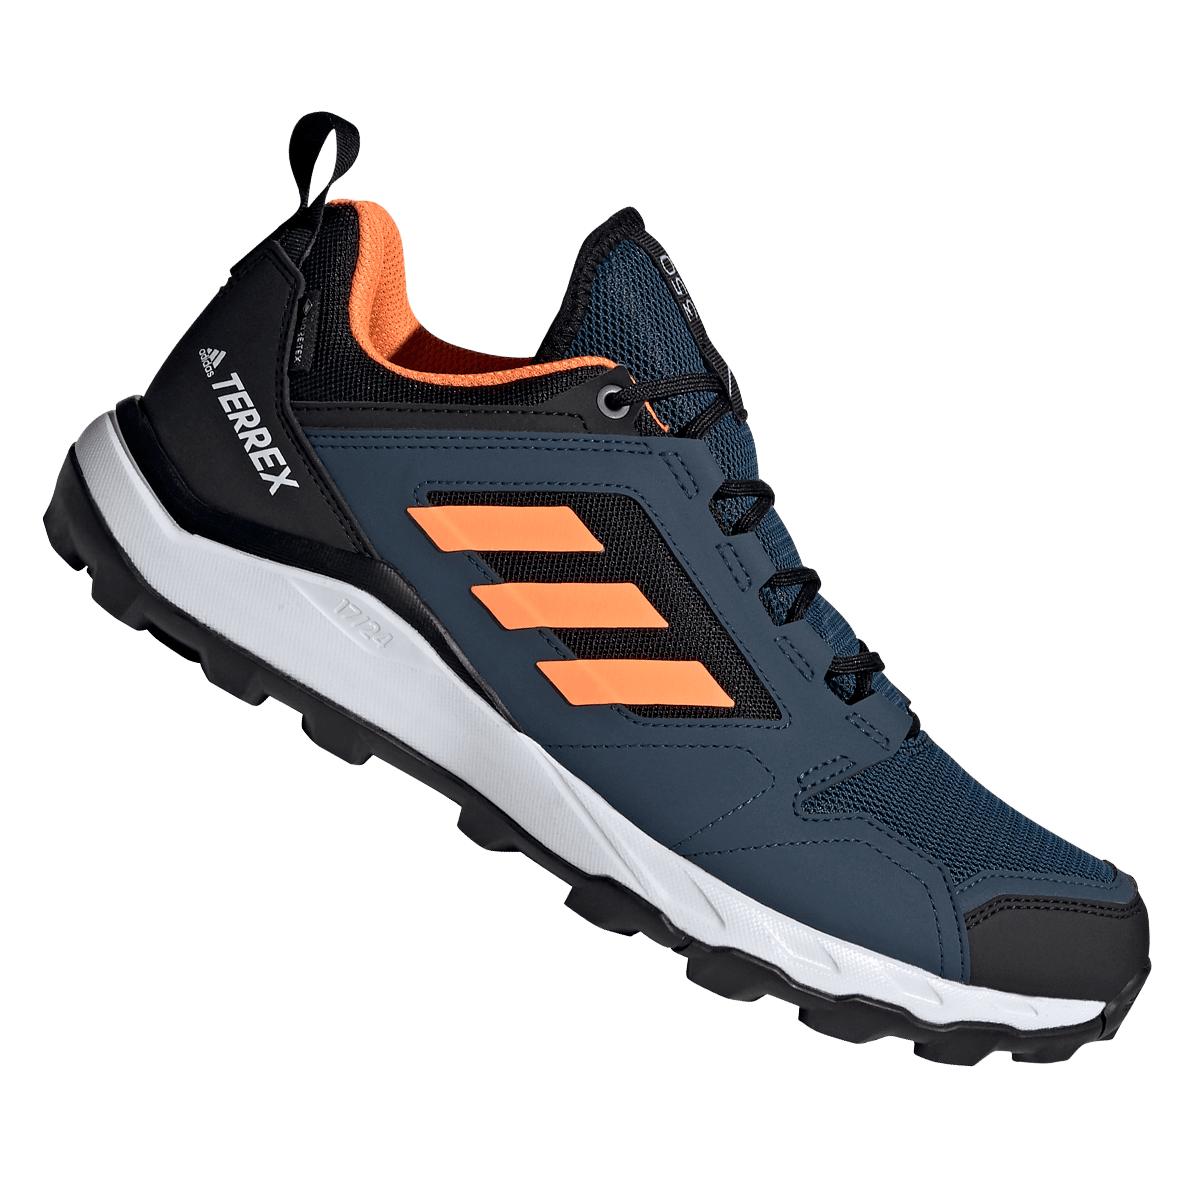 adidas Wanderschuh Terrex Agravic TR GTX dunkelblau/orange (Größen 40 2/3 bis 47 1/3)